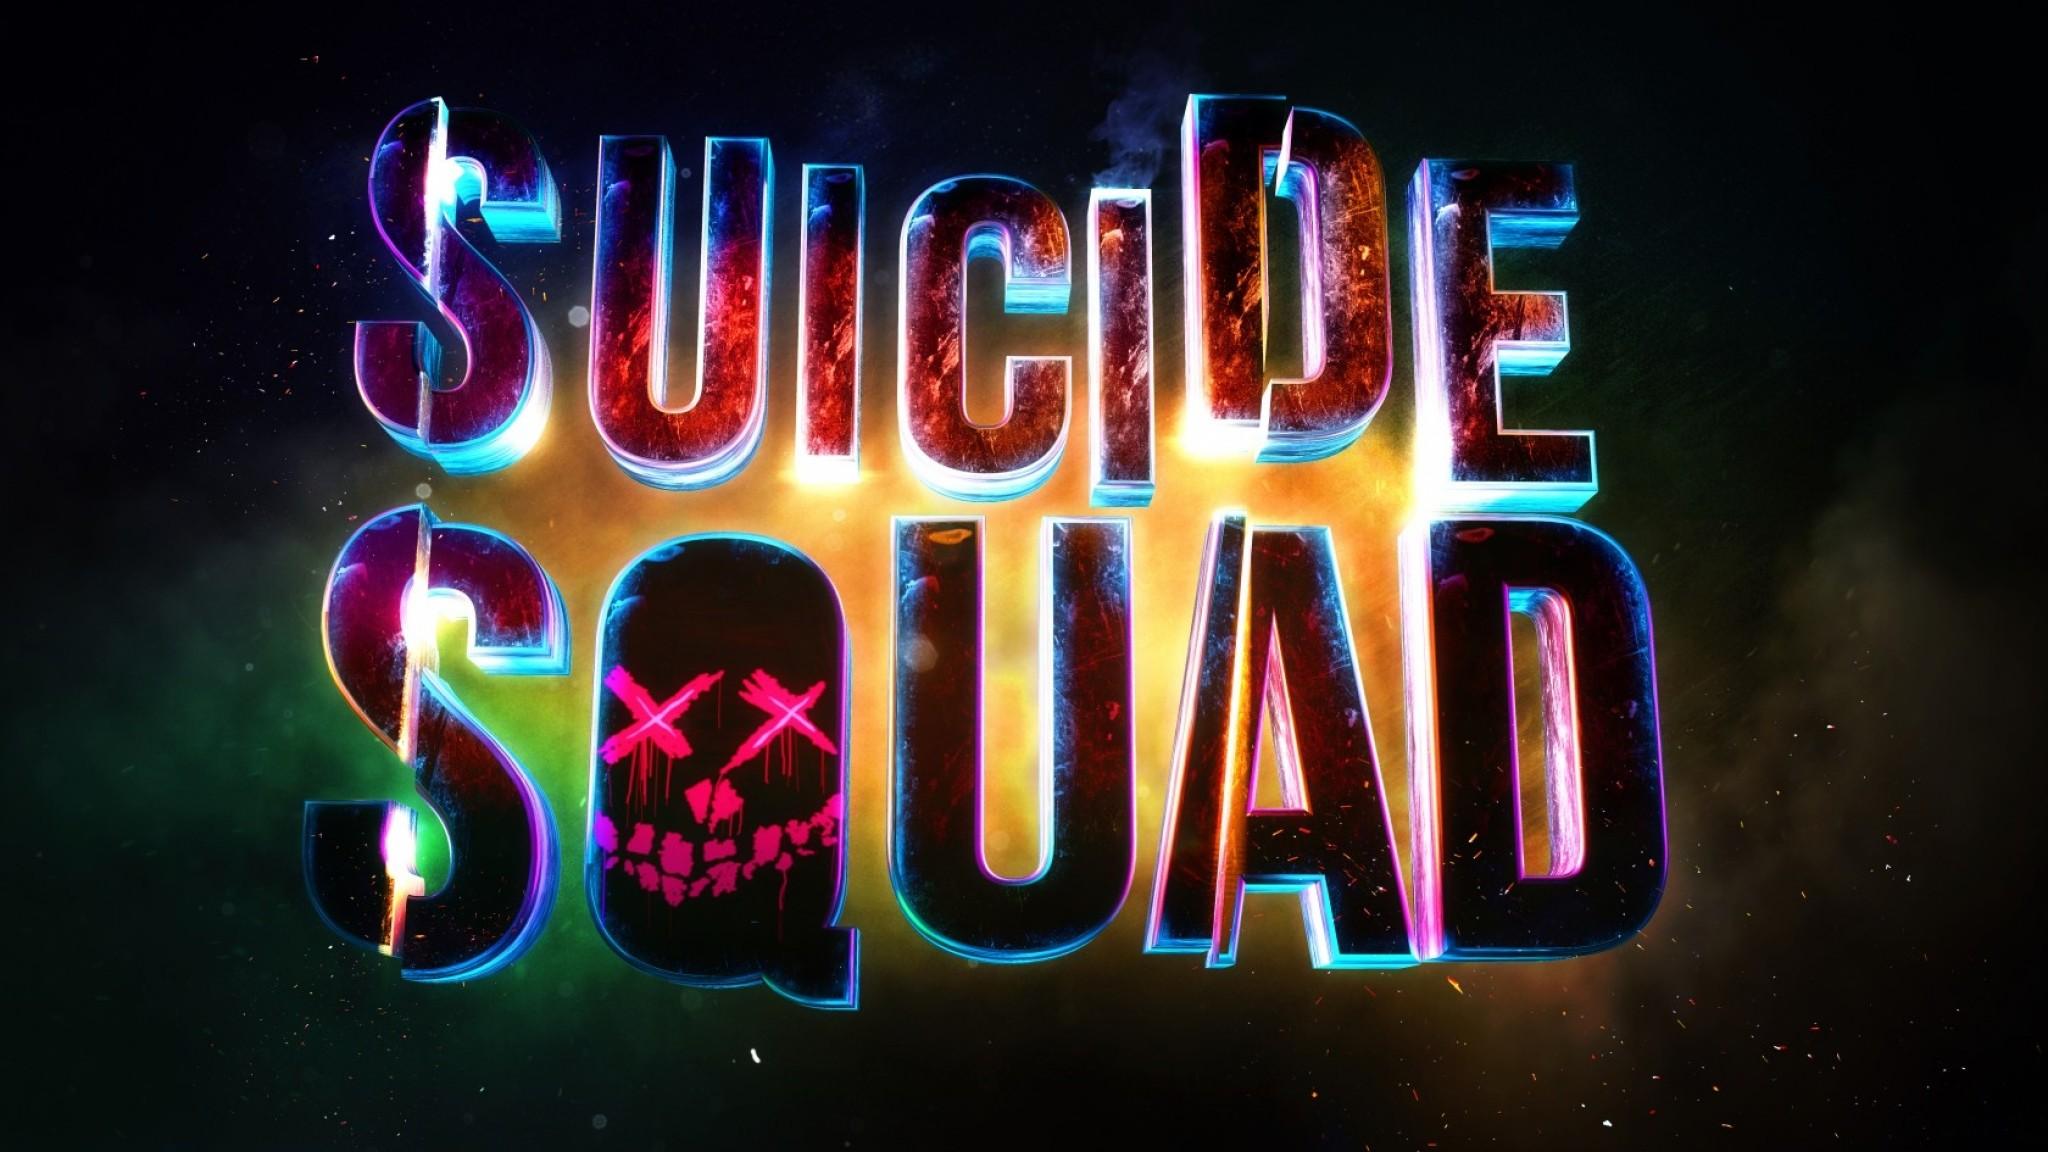 Suicide Squad Wallpaper HD (71+ images)